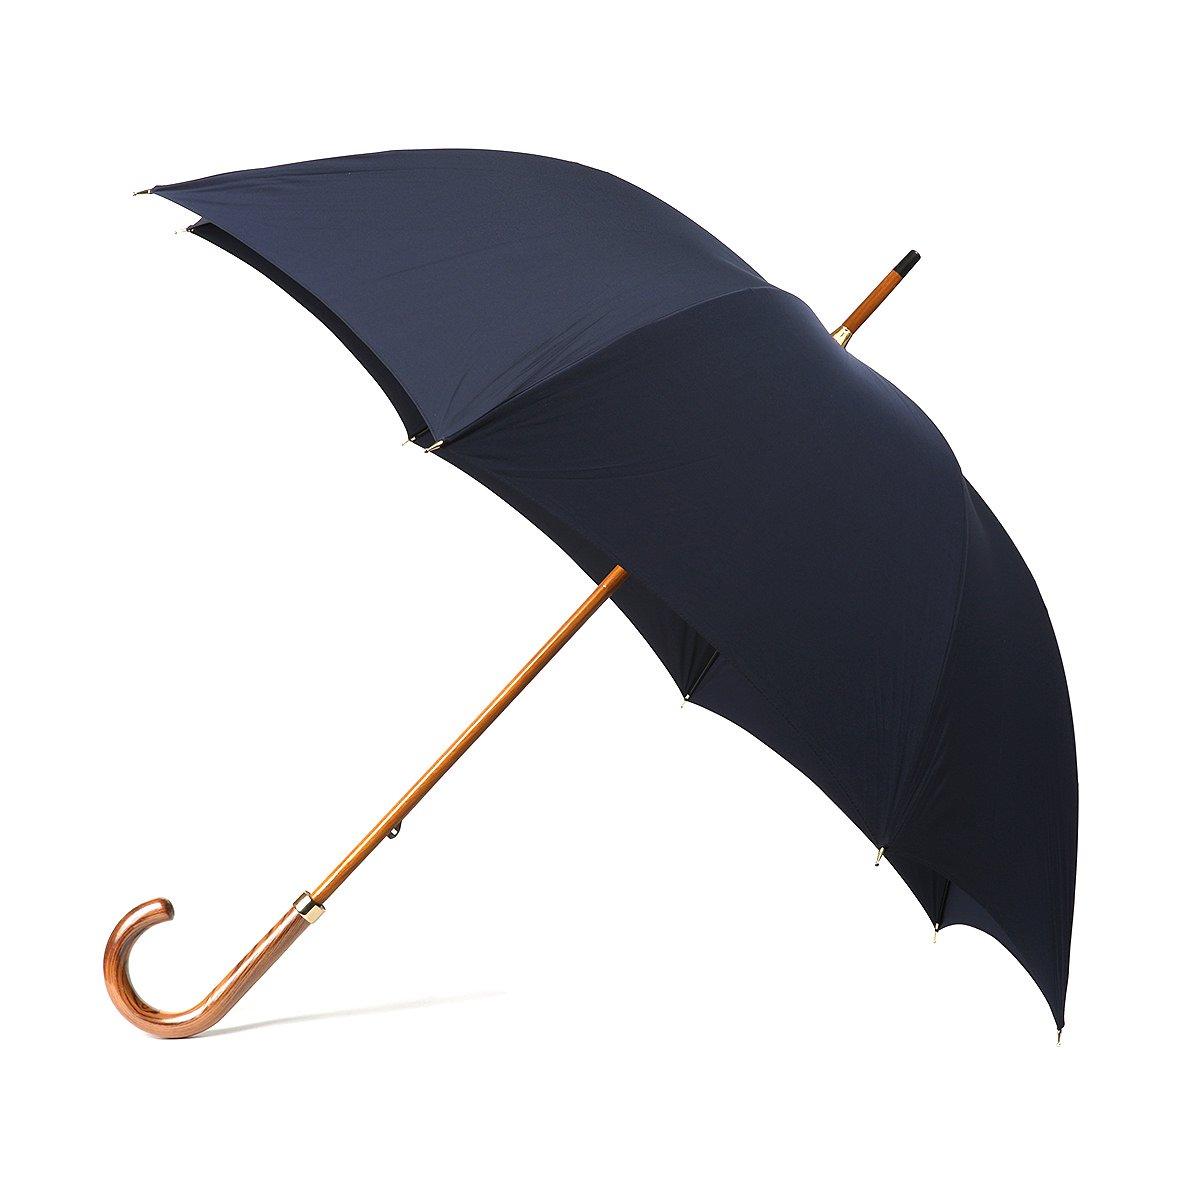 【公式限定】強力撥水 レインドロップ レクタス 木棒 フラッシーノ 長傘 詳細画像9